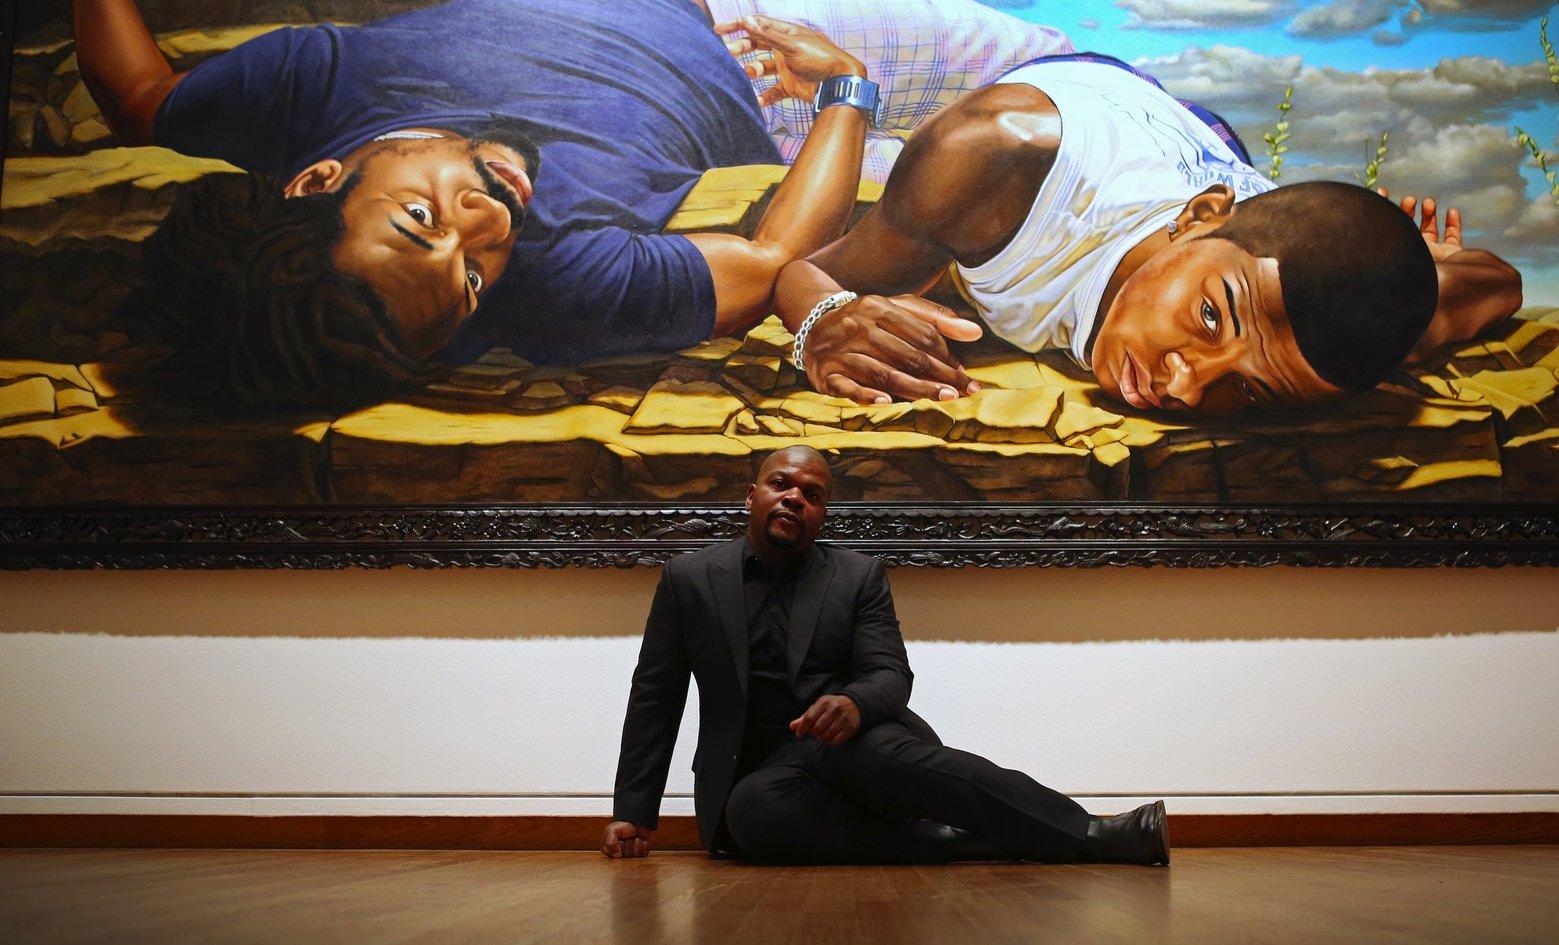 Click photo ->KehindeWiley.com